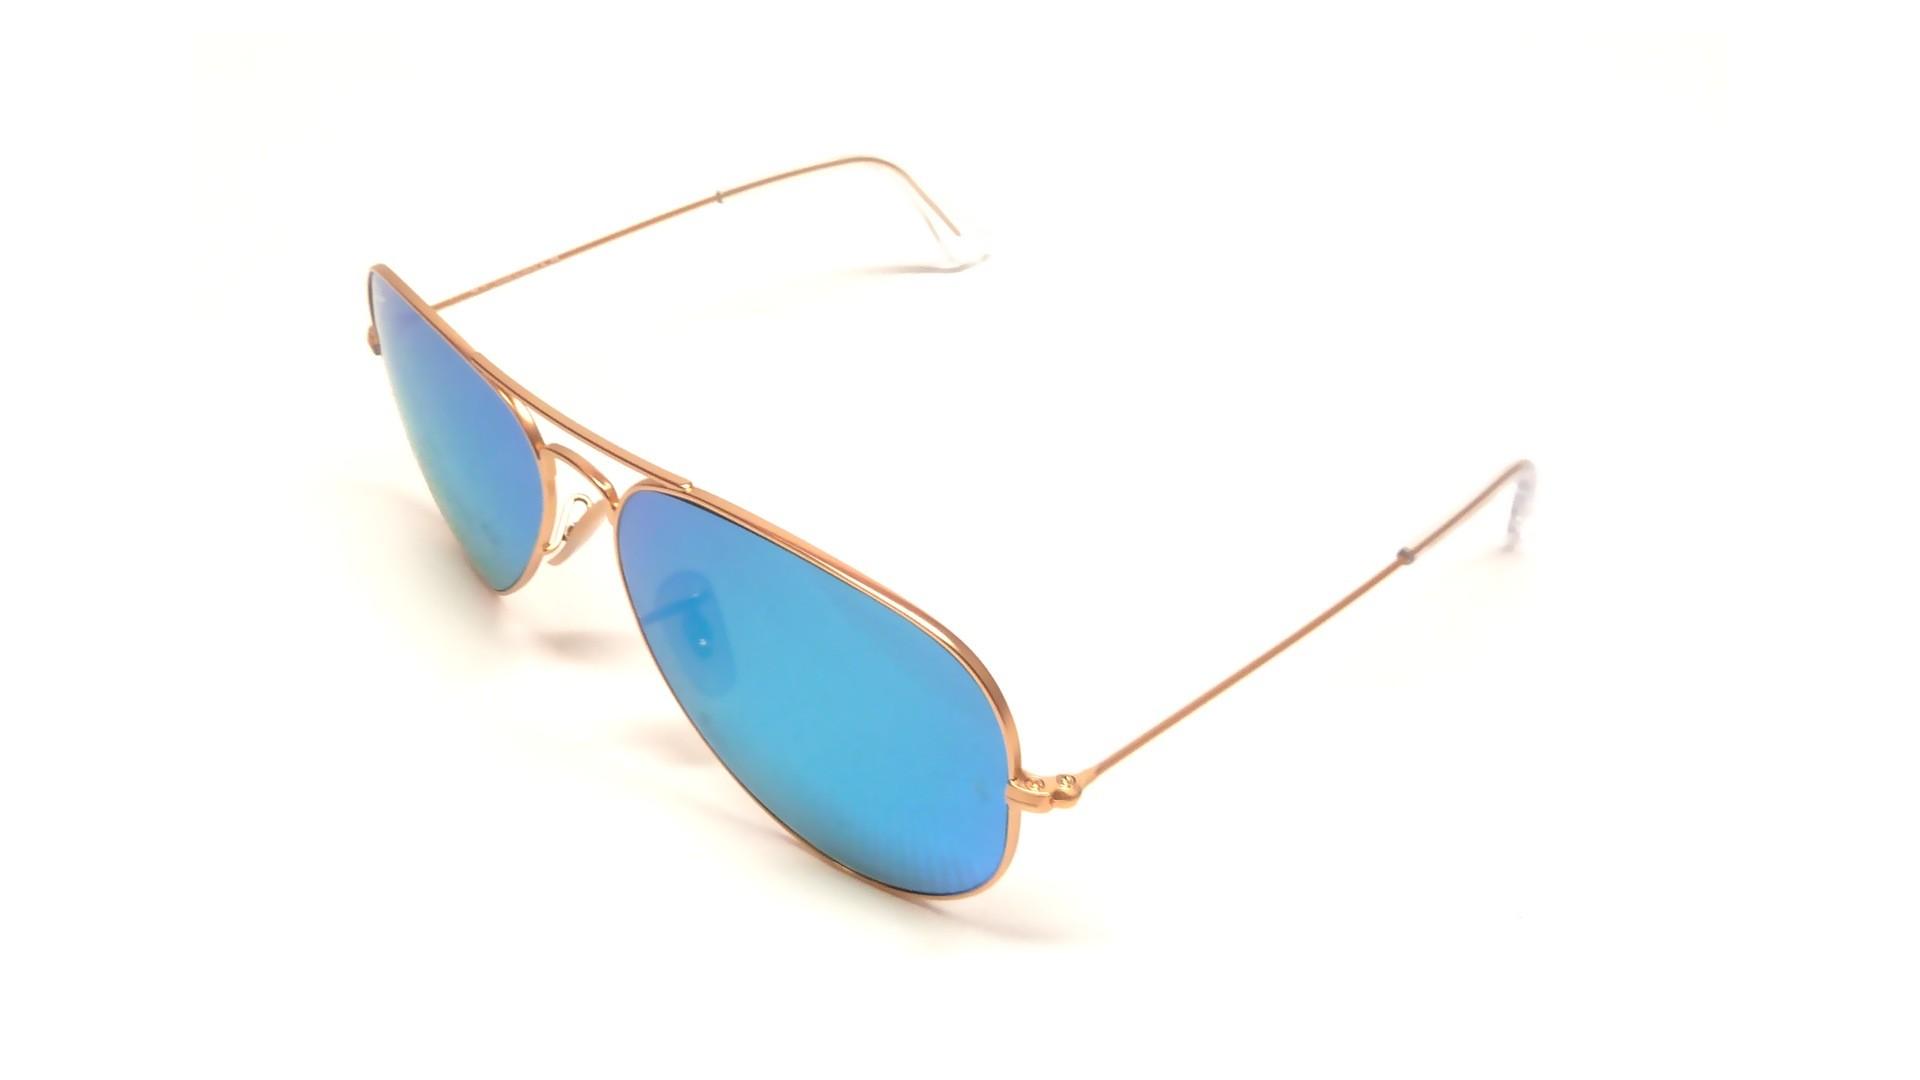 831b5151e82 Les lunettes de soleil bleus turquoises de Beyoncé - Visiofactory